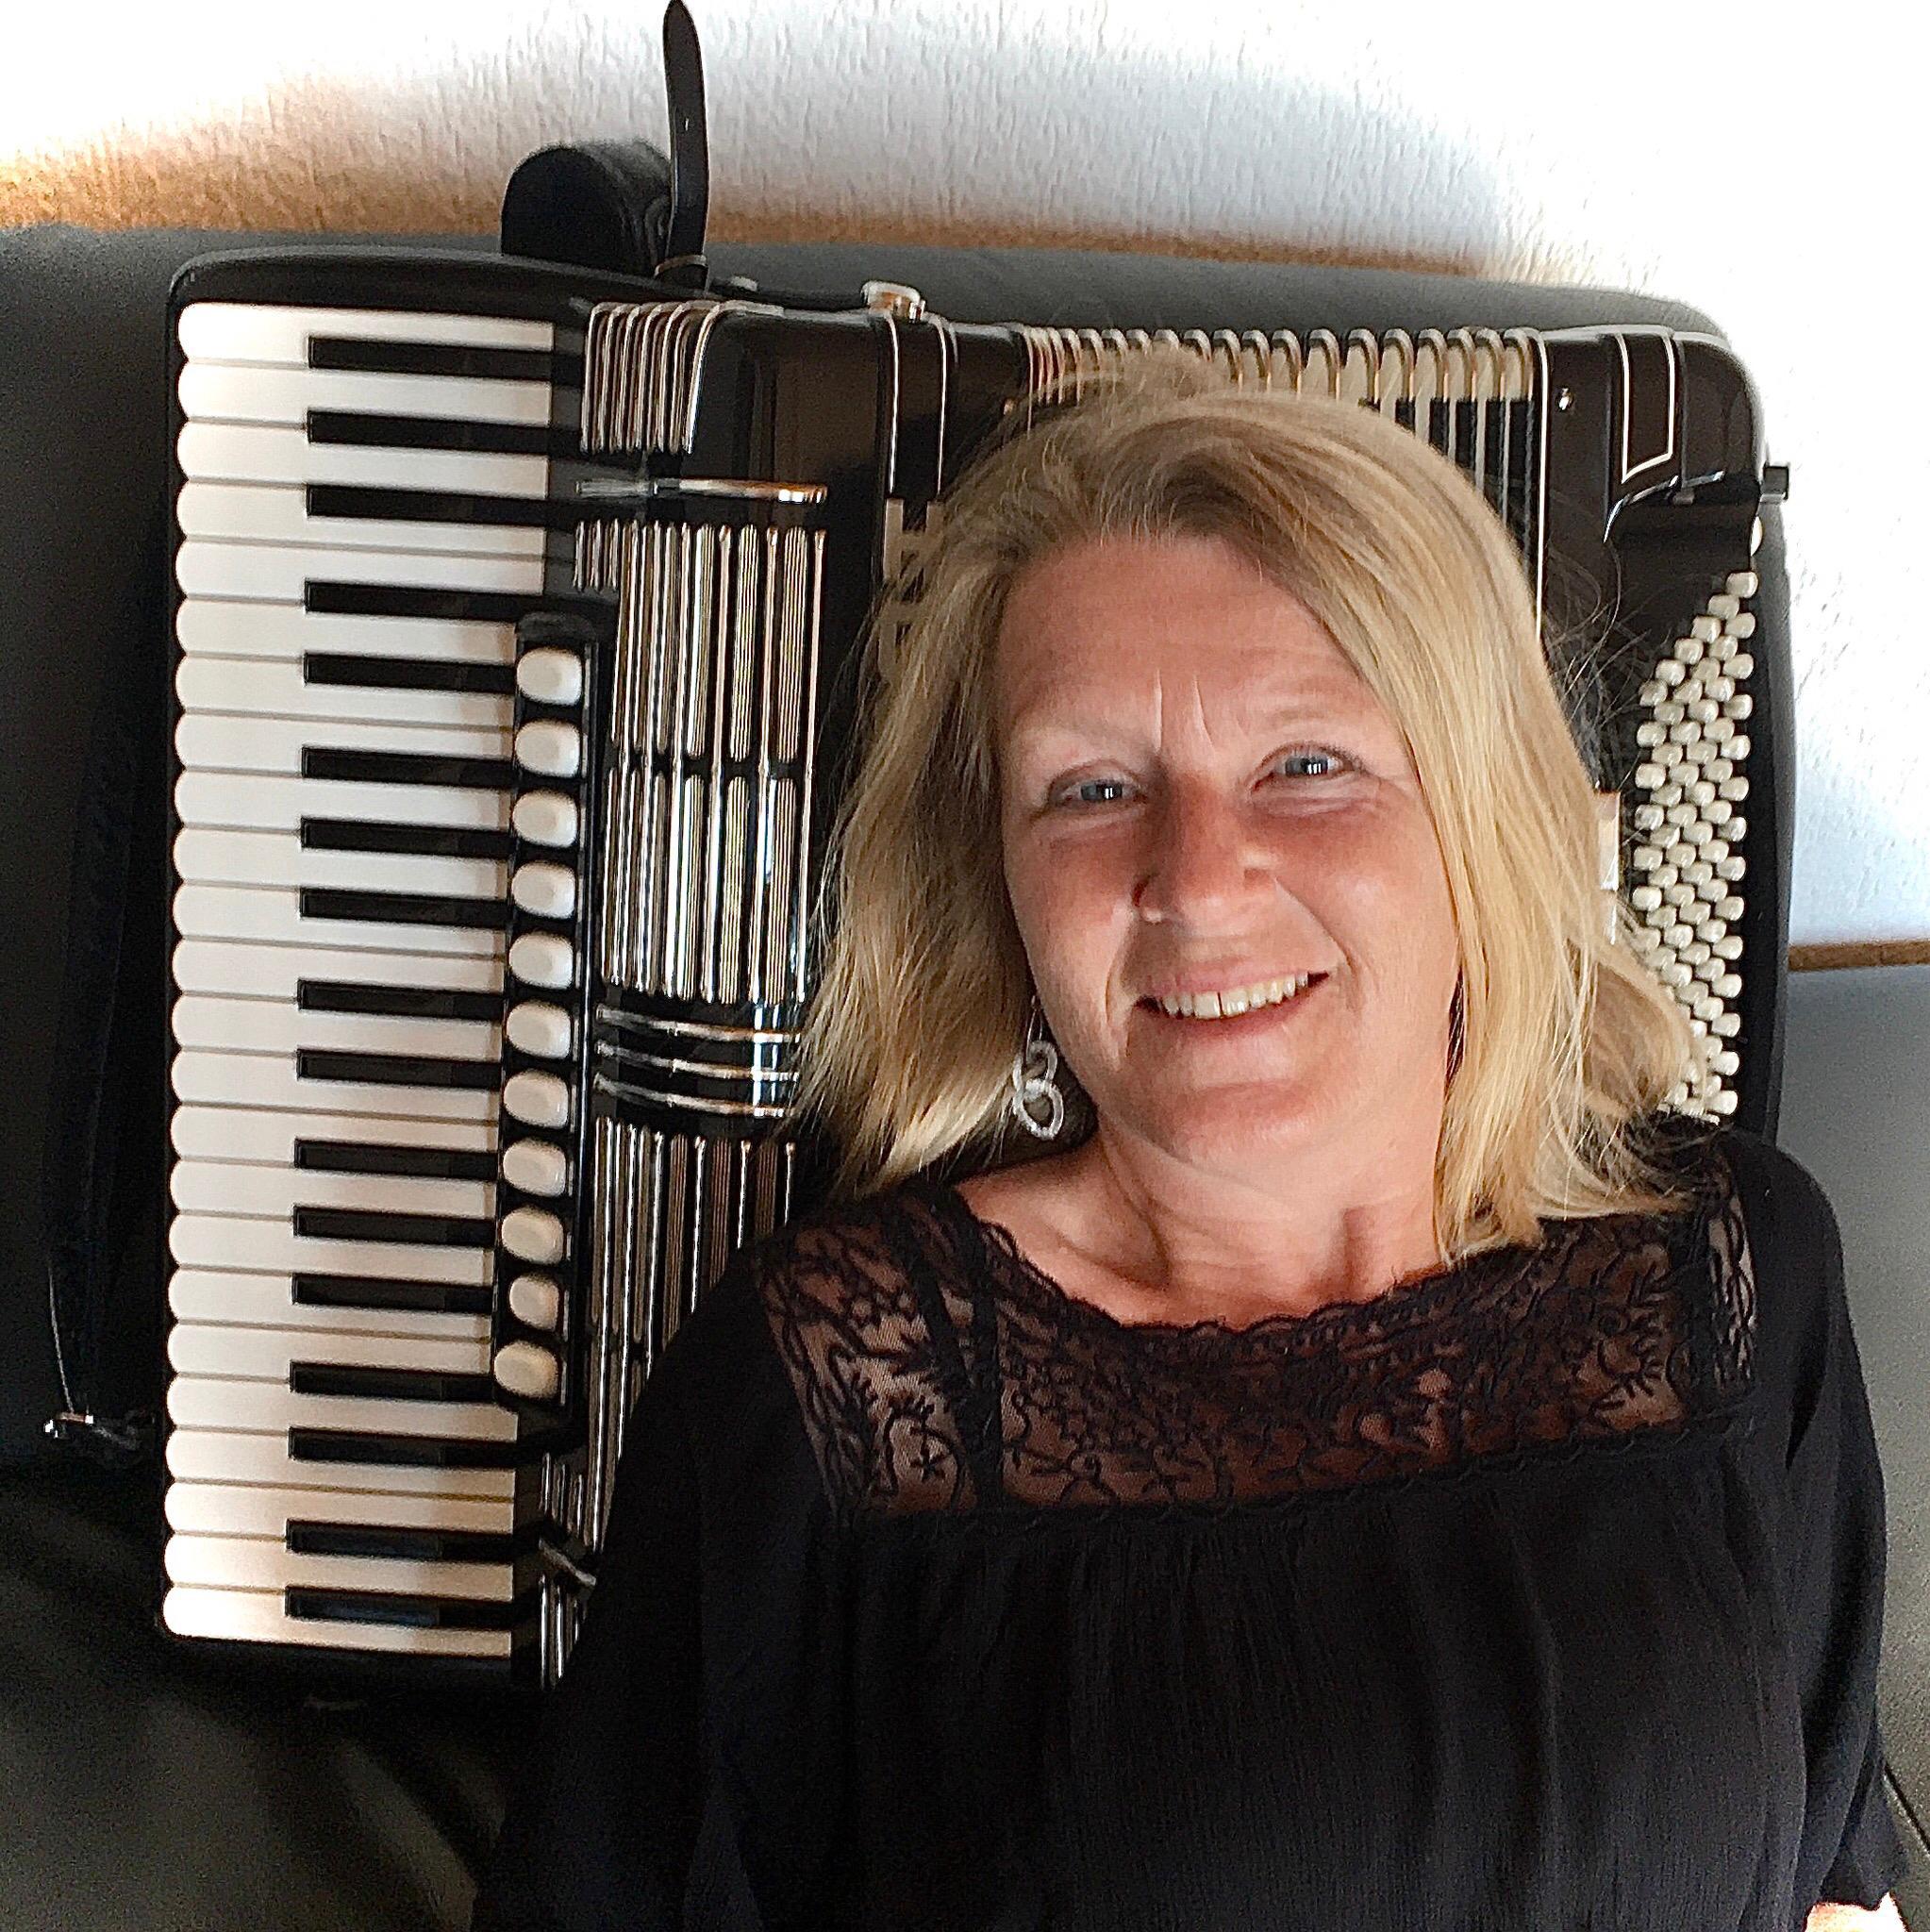 Verena Reinert